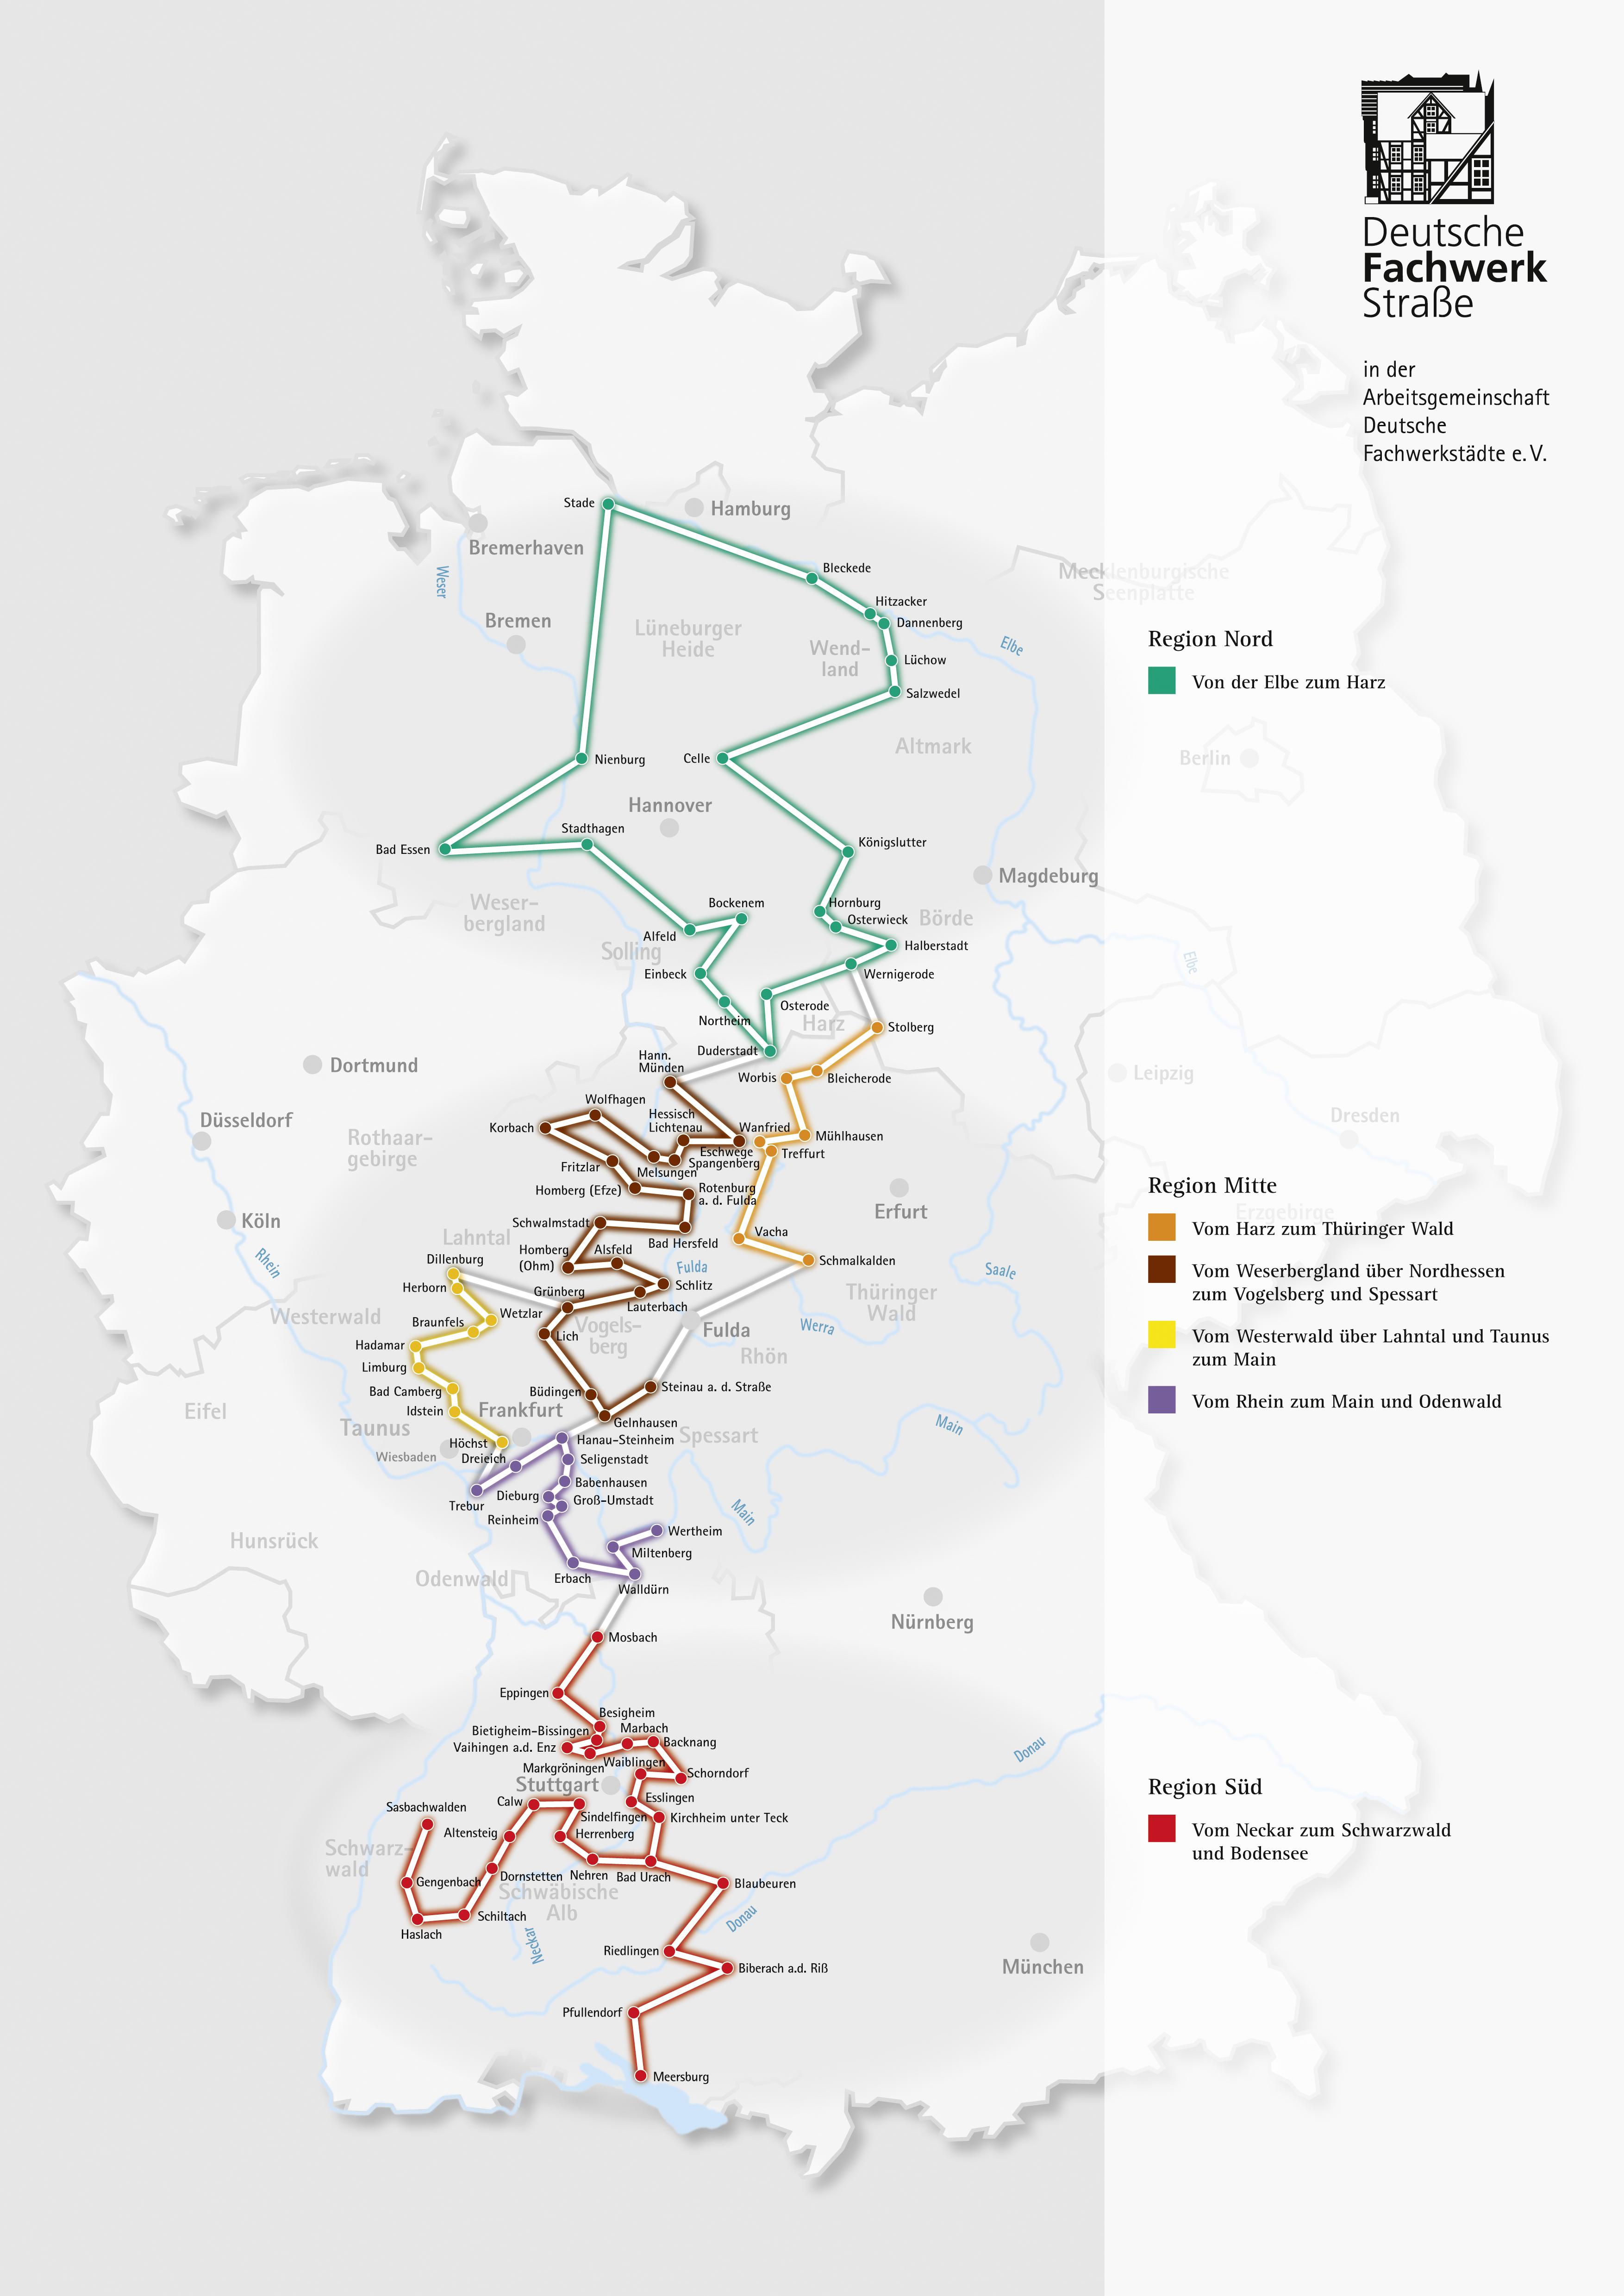 Übersichtskarte Deutsche Fachwerkstraße 2014.jpg